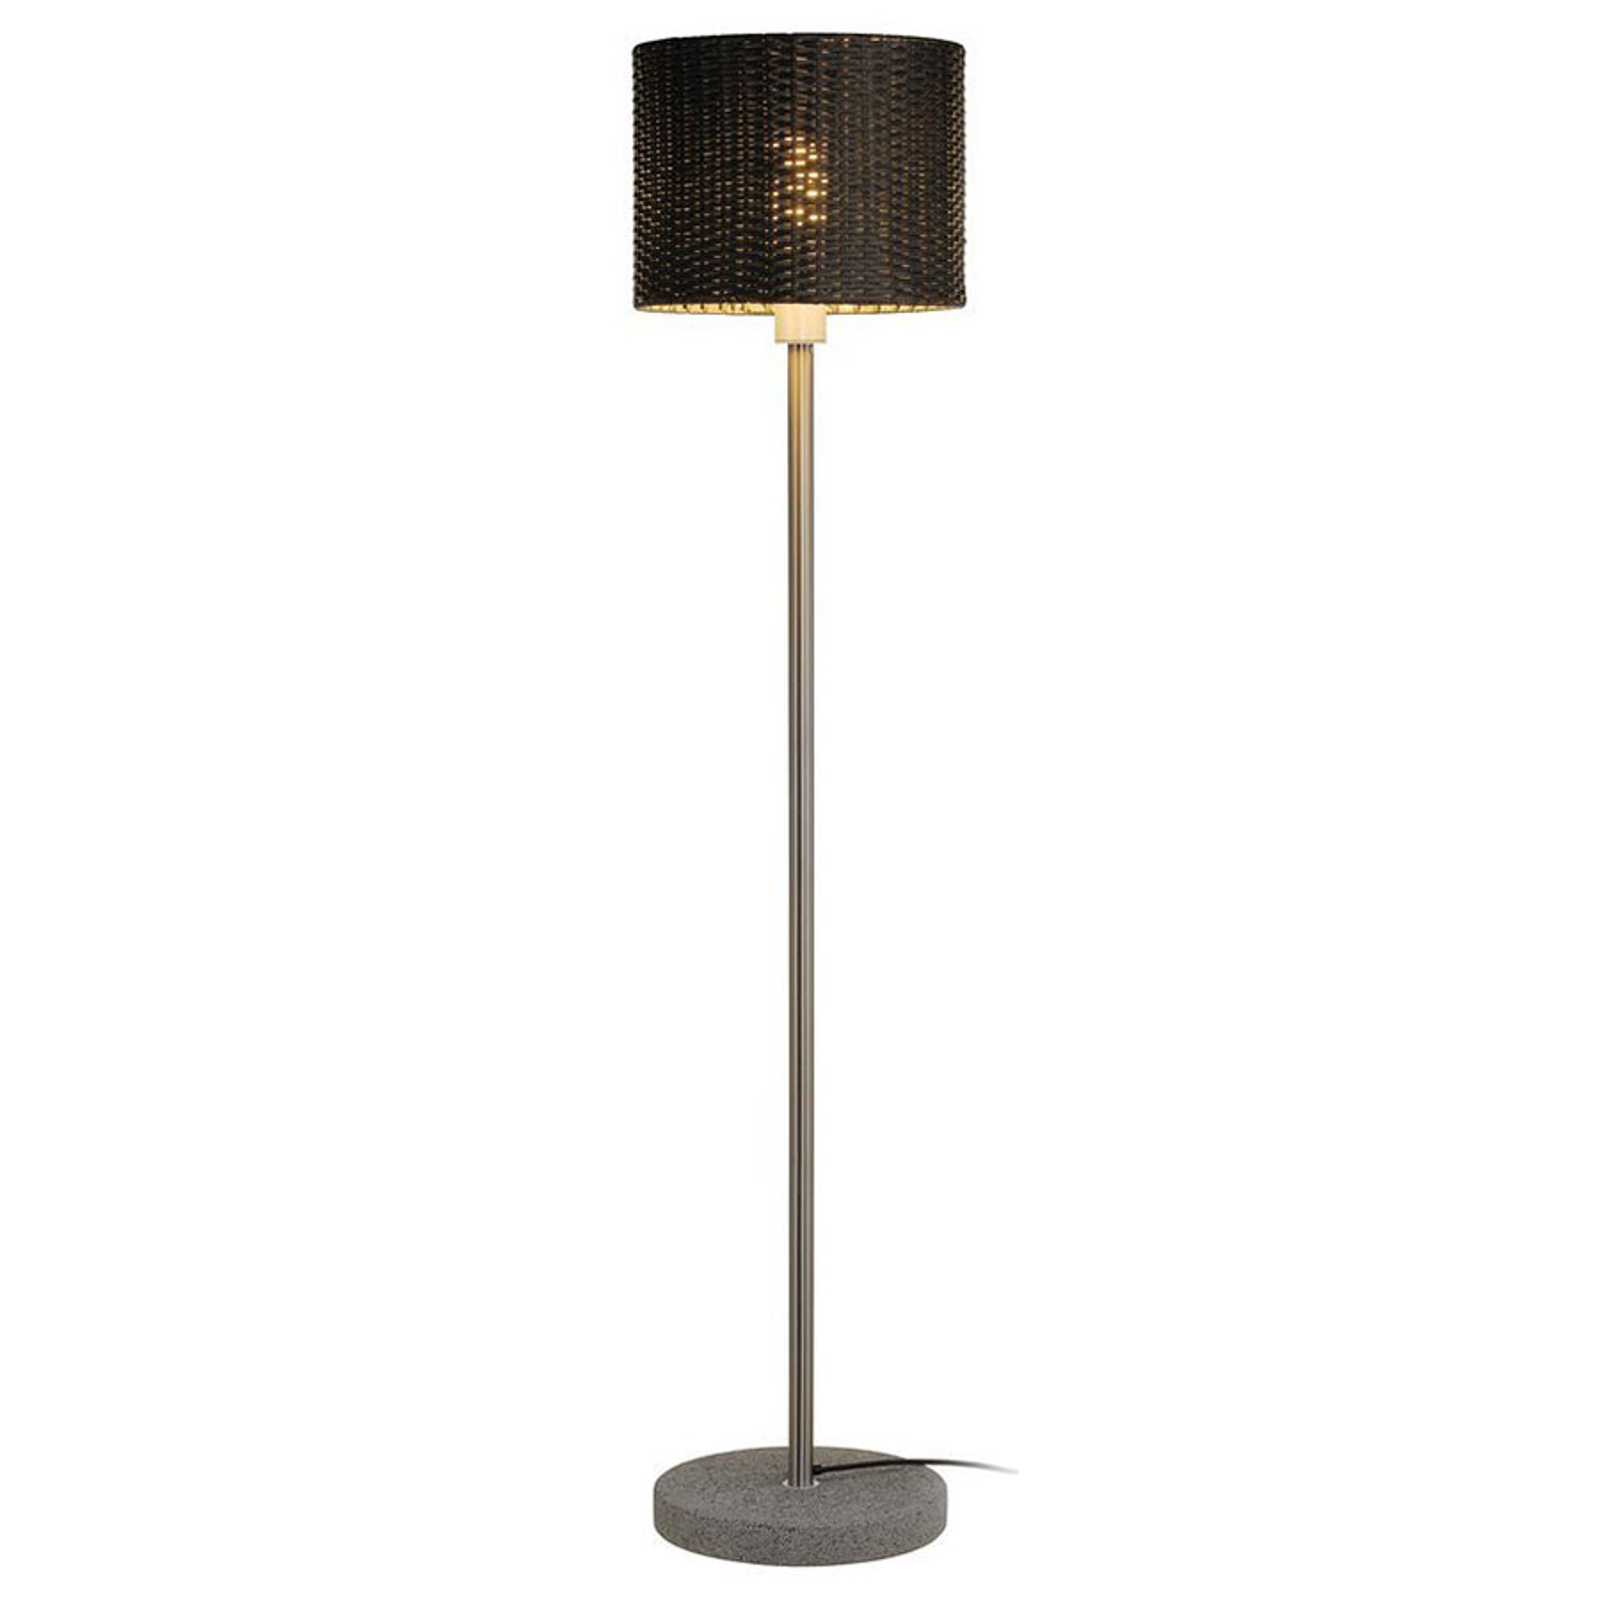 SLV Adegan Manila floor lamp, outdoors, anthracite_5504882_1